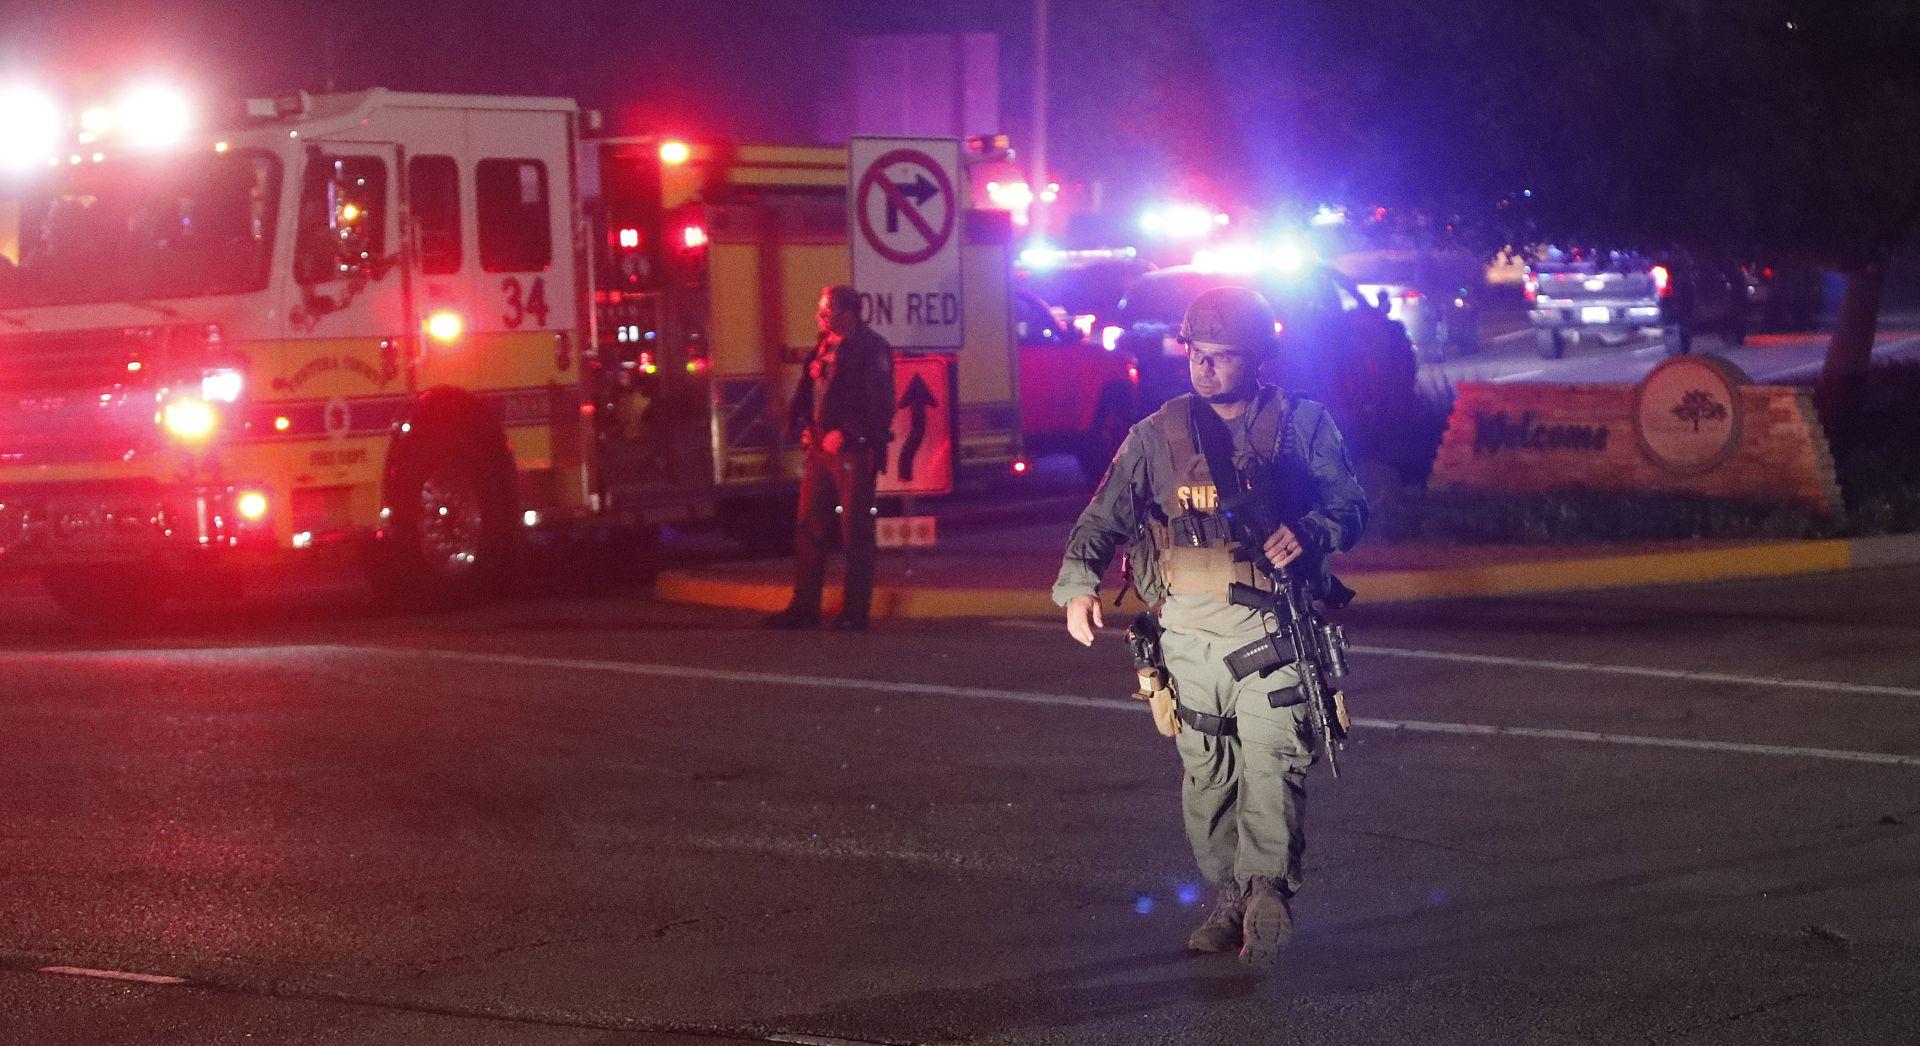 KALIFORNIJA Najmanje 12 mrtvih u pucnjavi u noćnom klubu